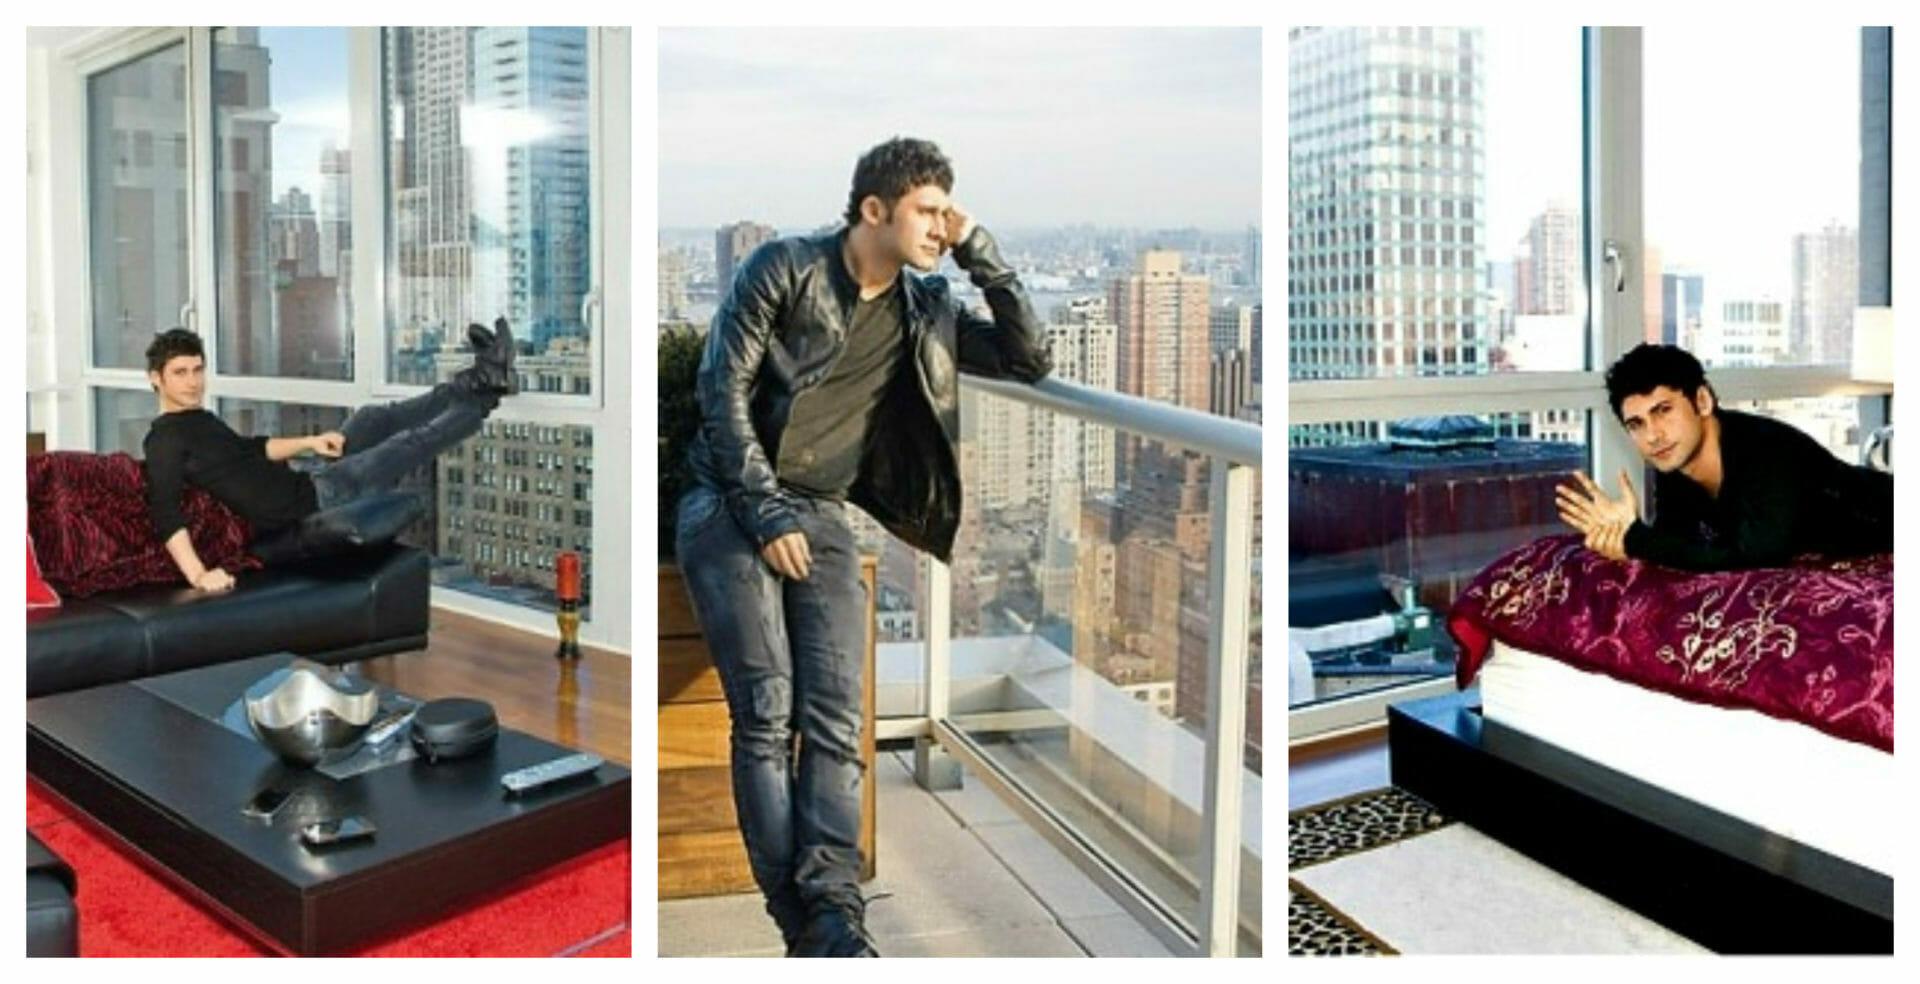 Aşa arată apartamentul lui Dan Bălan din New York. Prețul unuia pleacă de la 800.000 dolari /FOTO